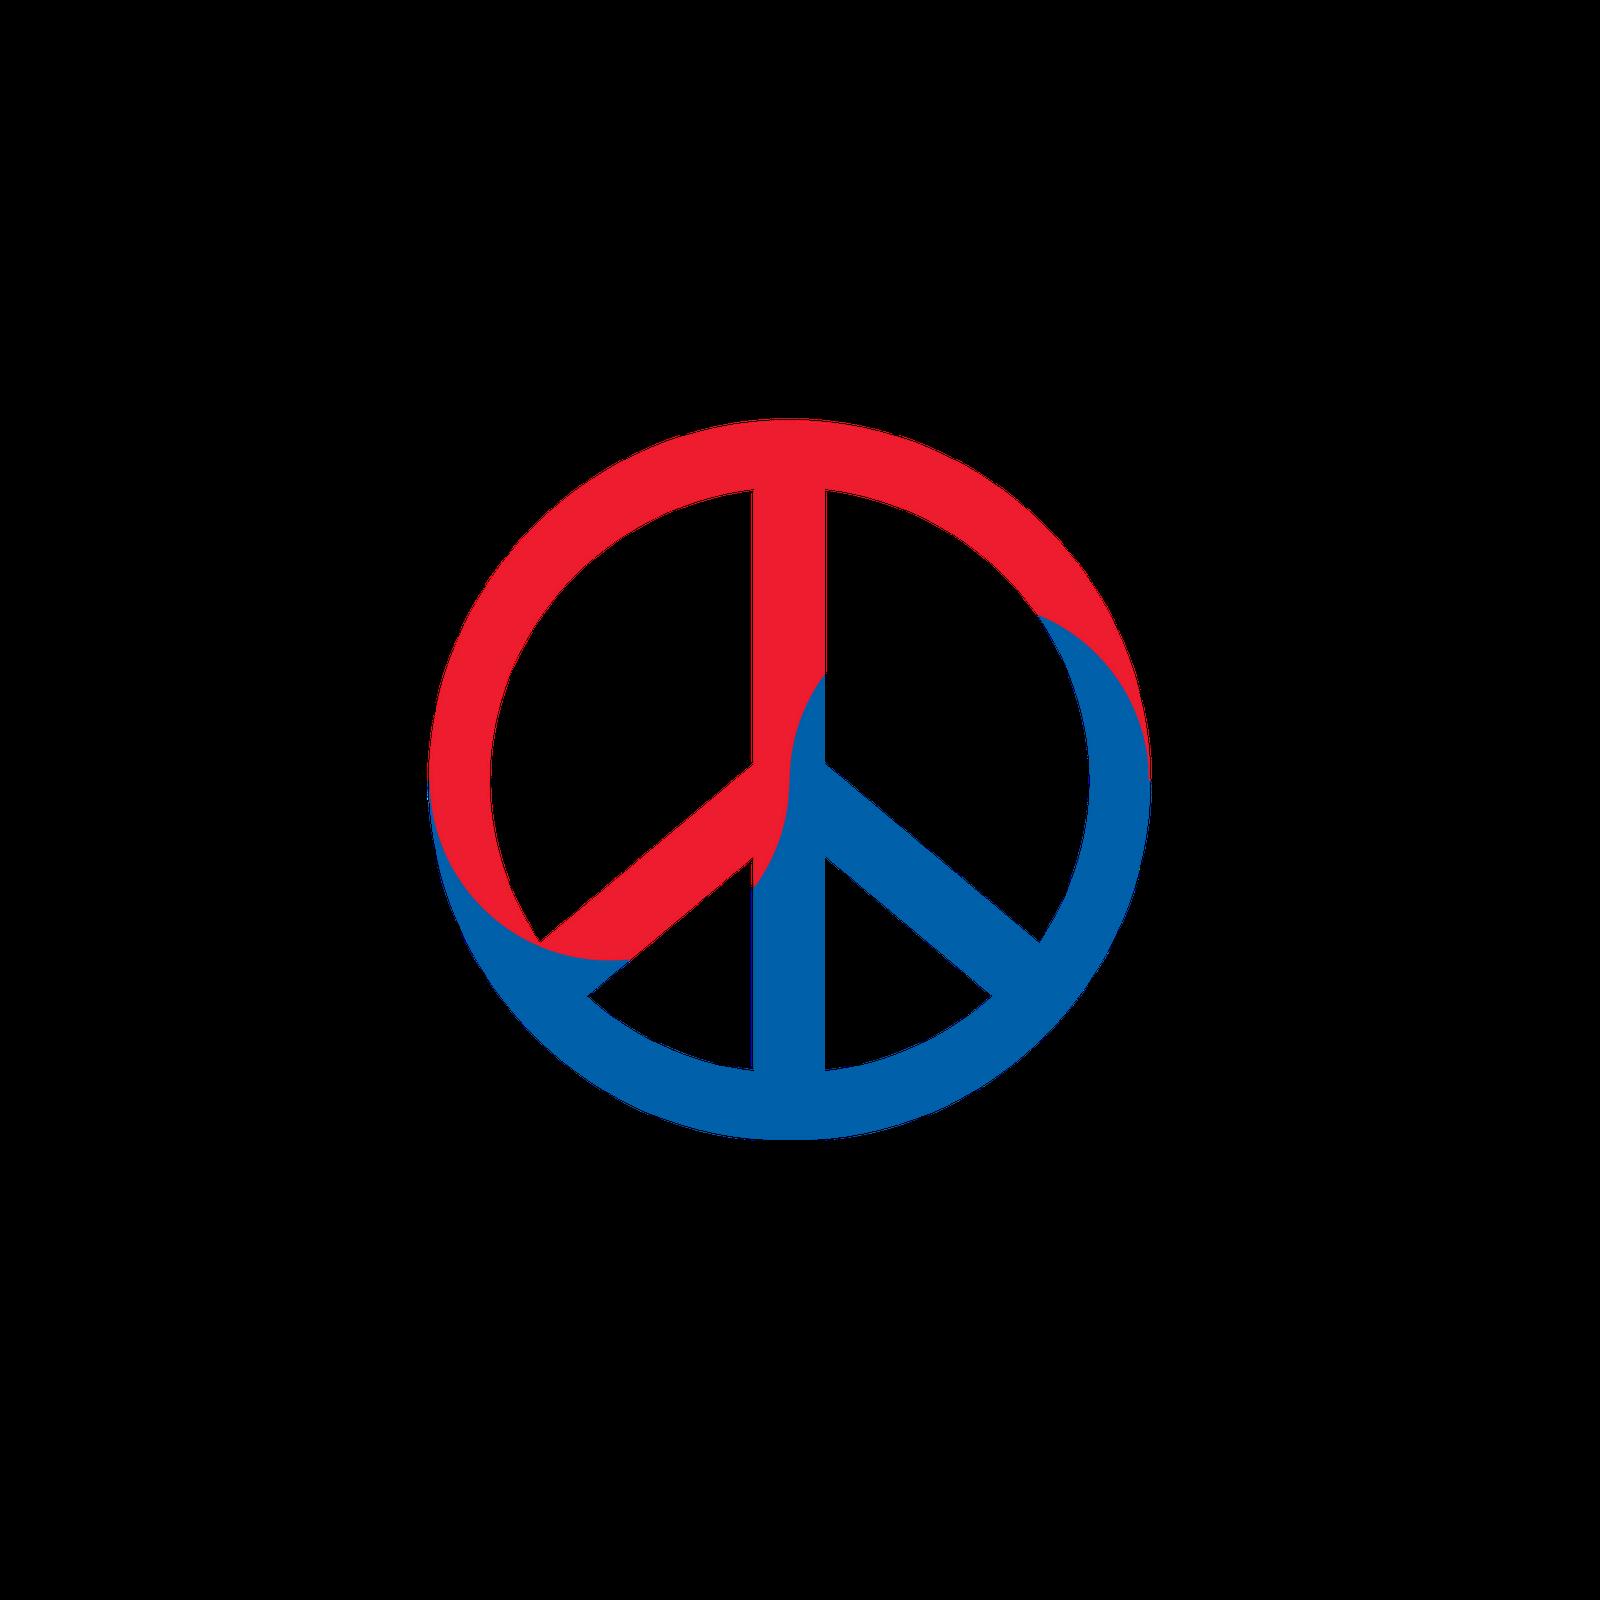 http://1.bp.blogspot.com/-jUMjcUPObZI/Twy0agAvJJI/AAAAAAABCLE/9vi1KXee1Go/s1600/South_Korea_Flag13.png